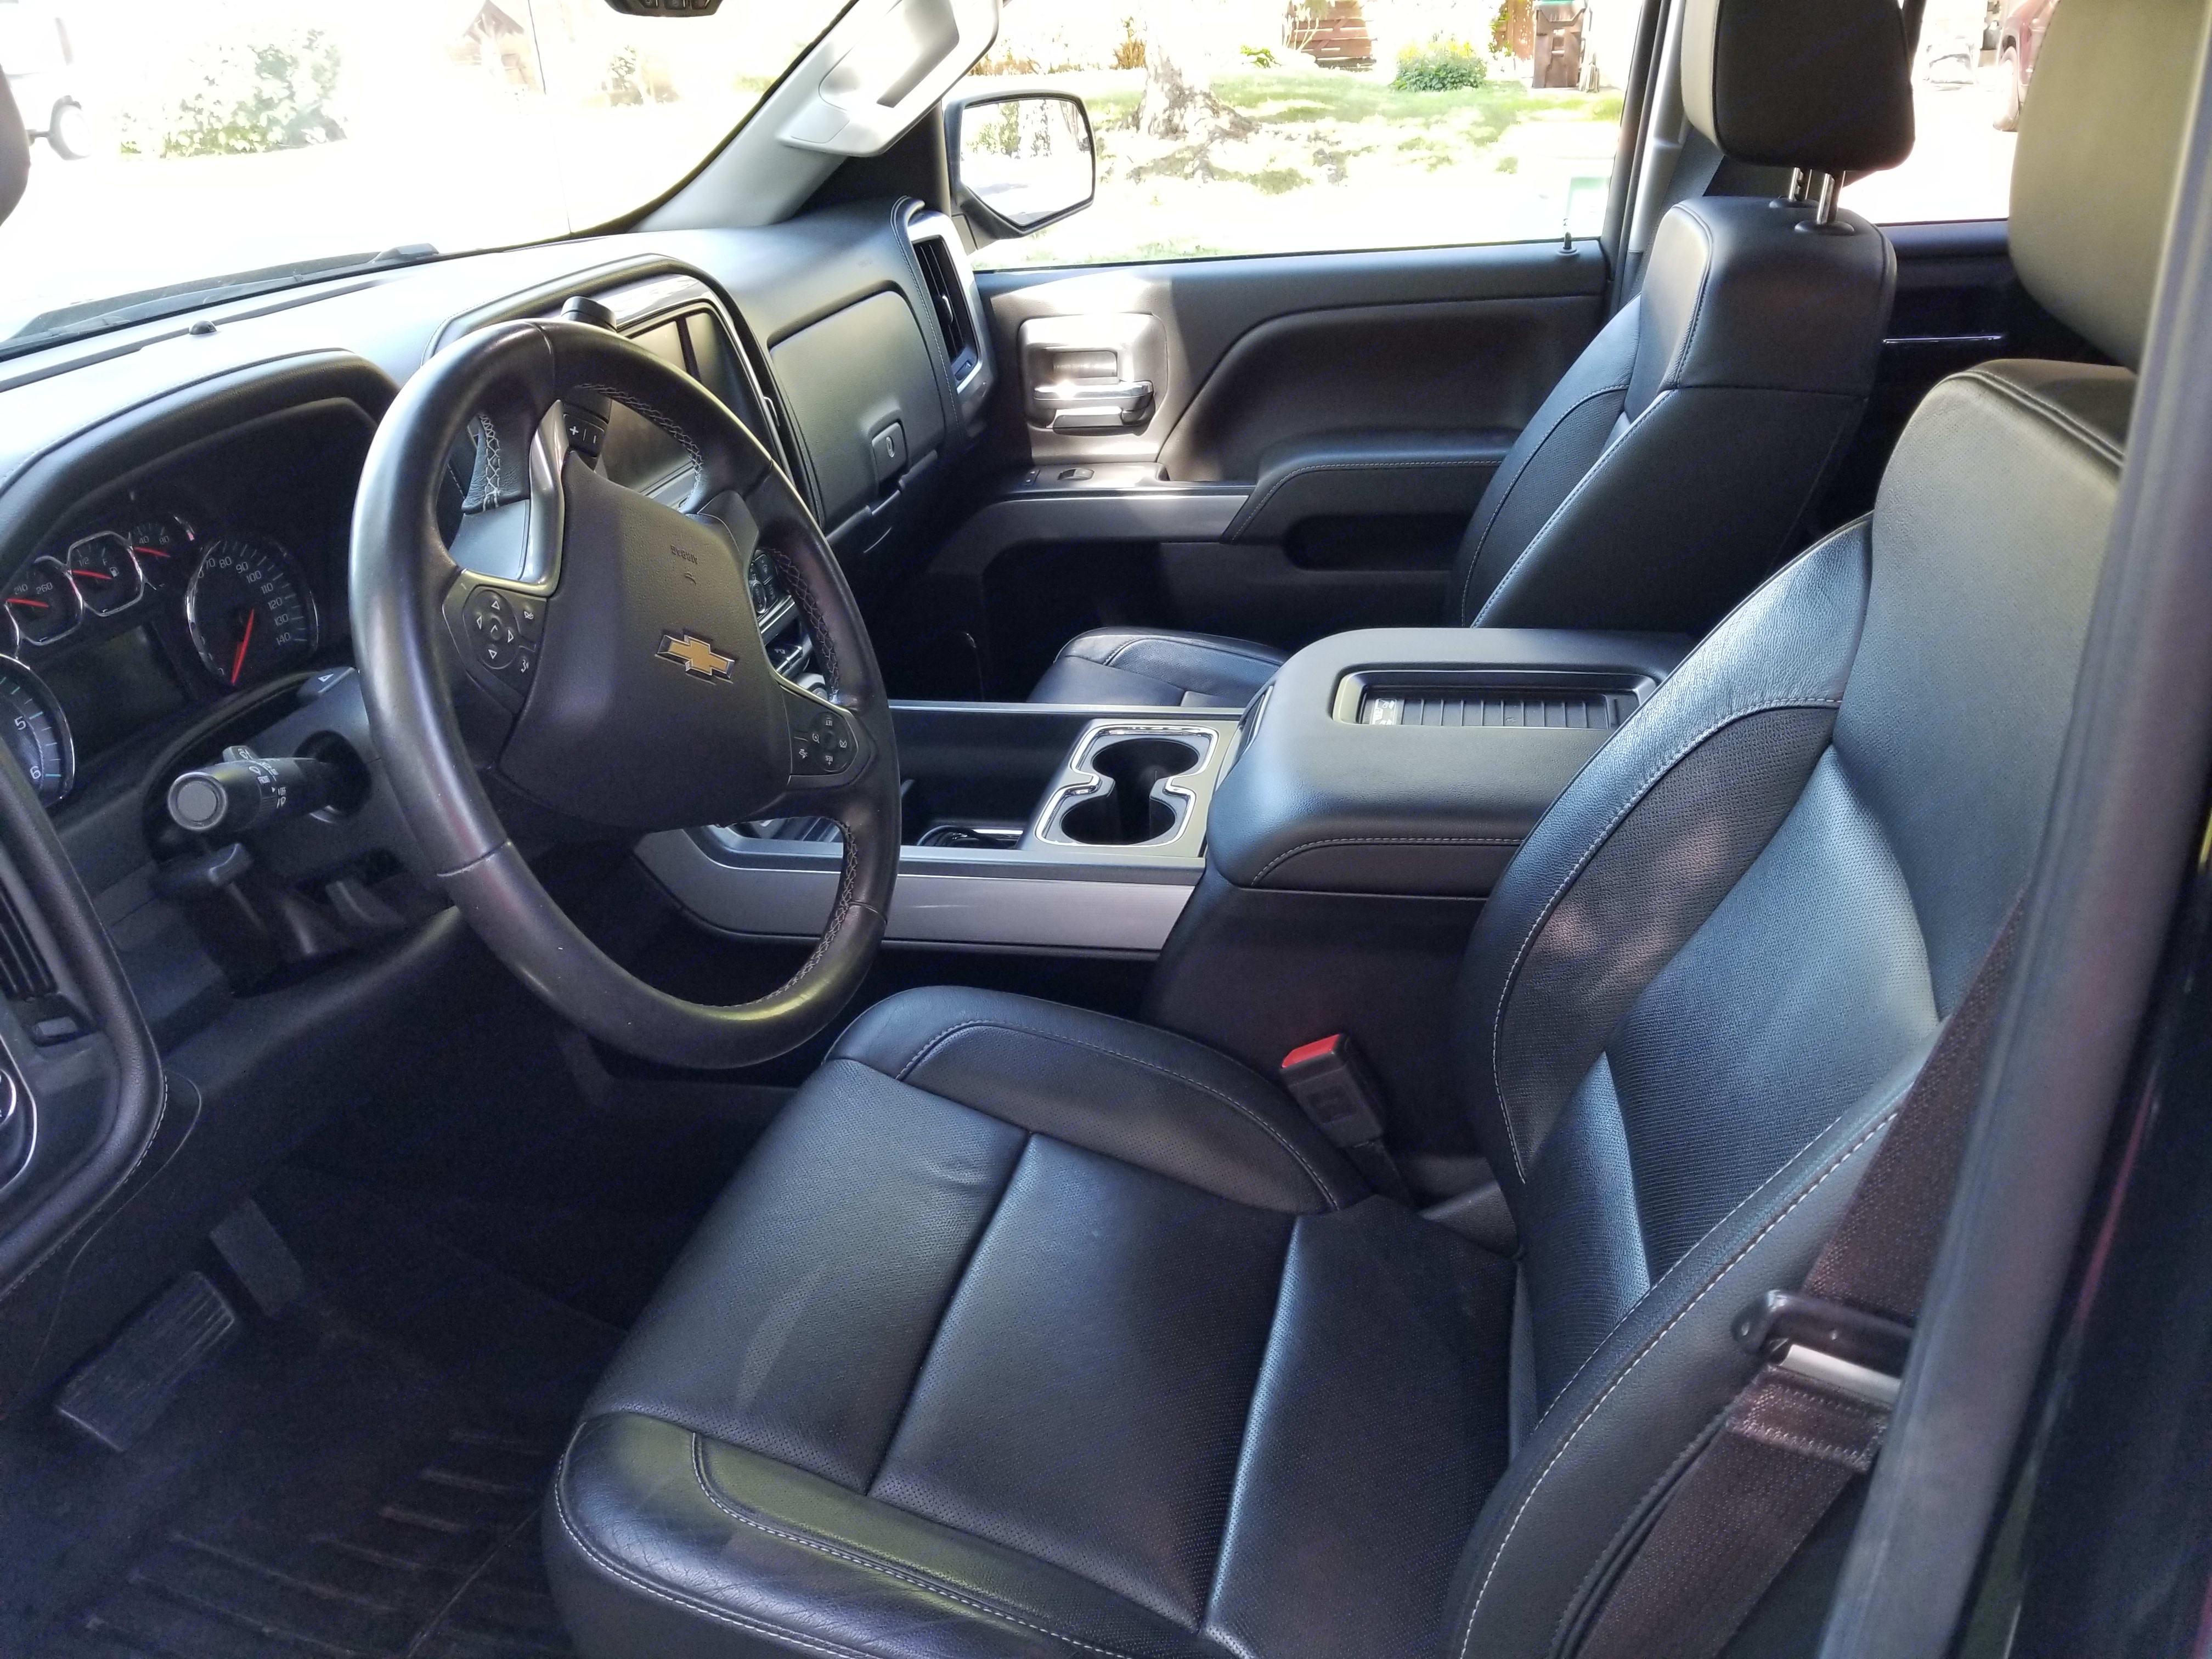 Chevy Silverado 2500 HD 2016